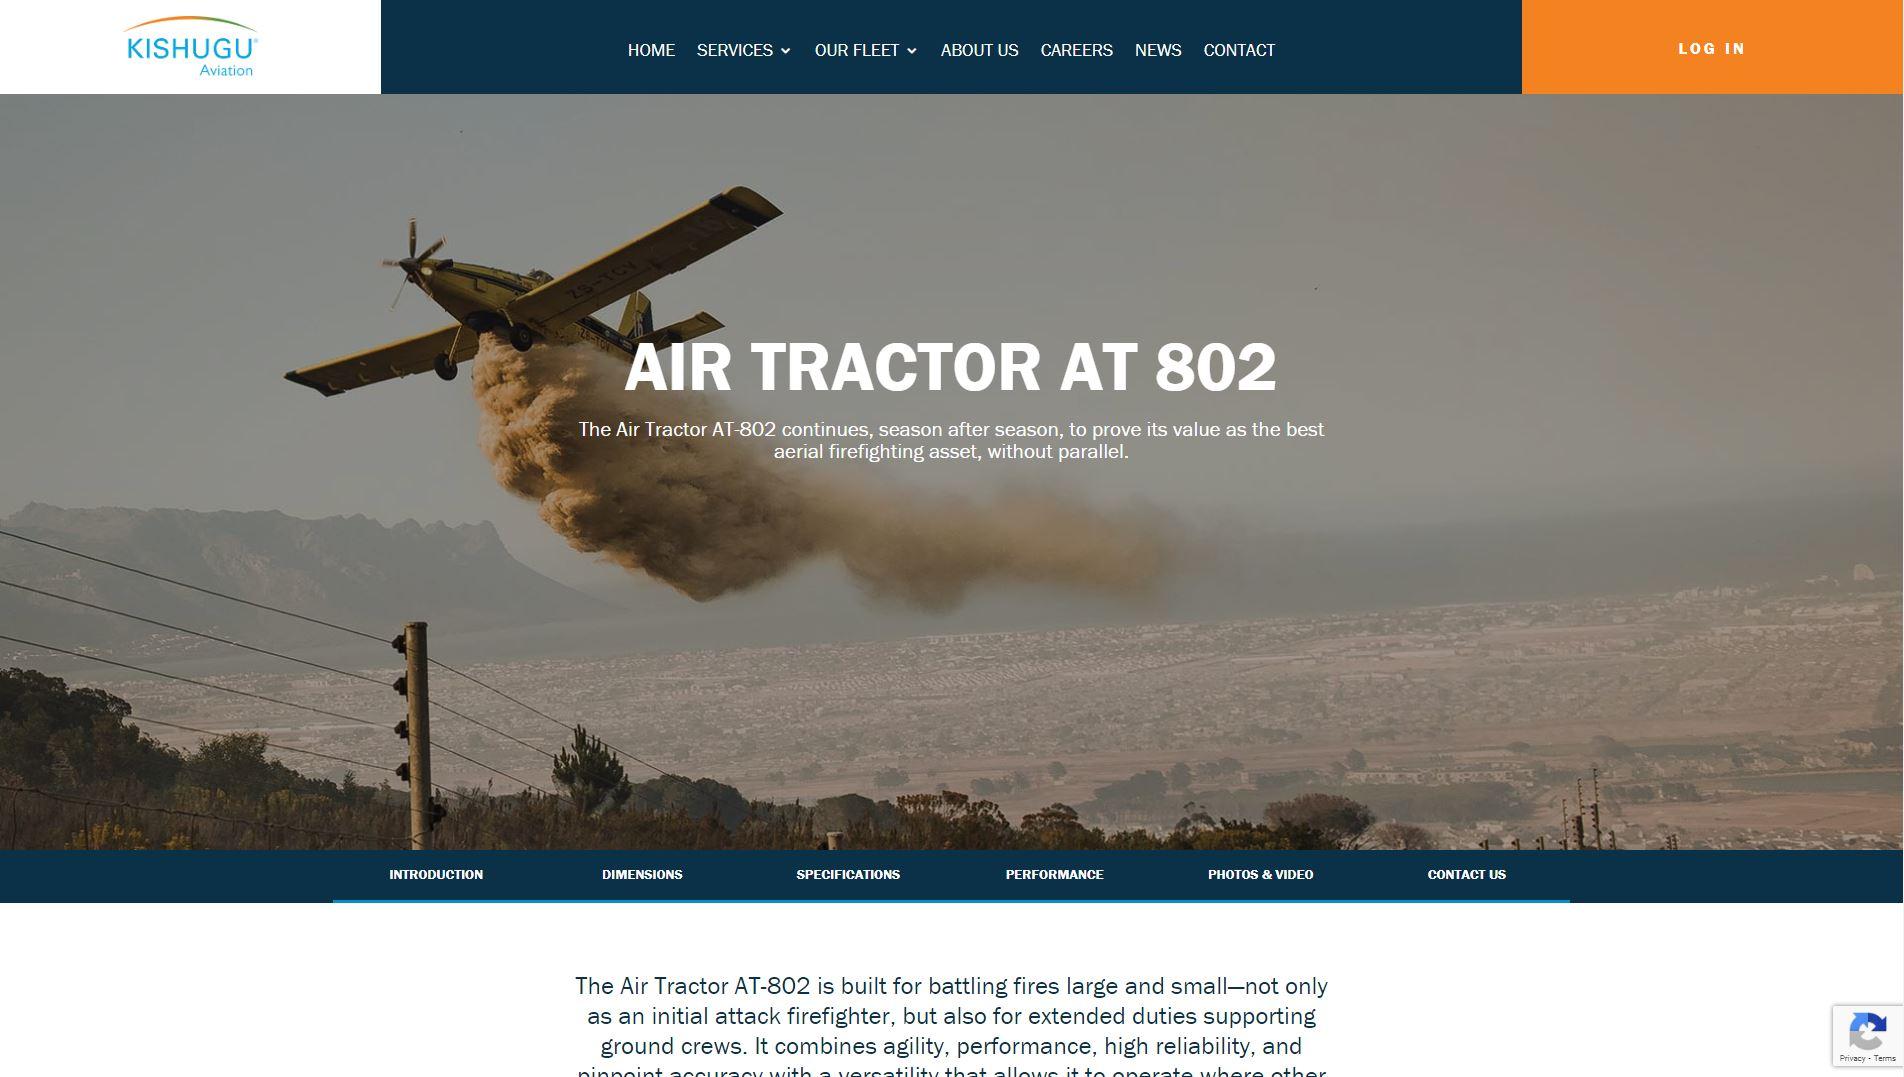 Kishugu Aviation Website